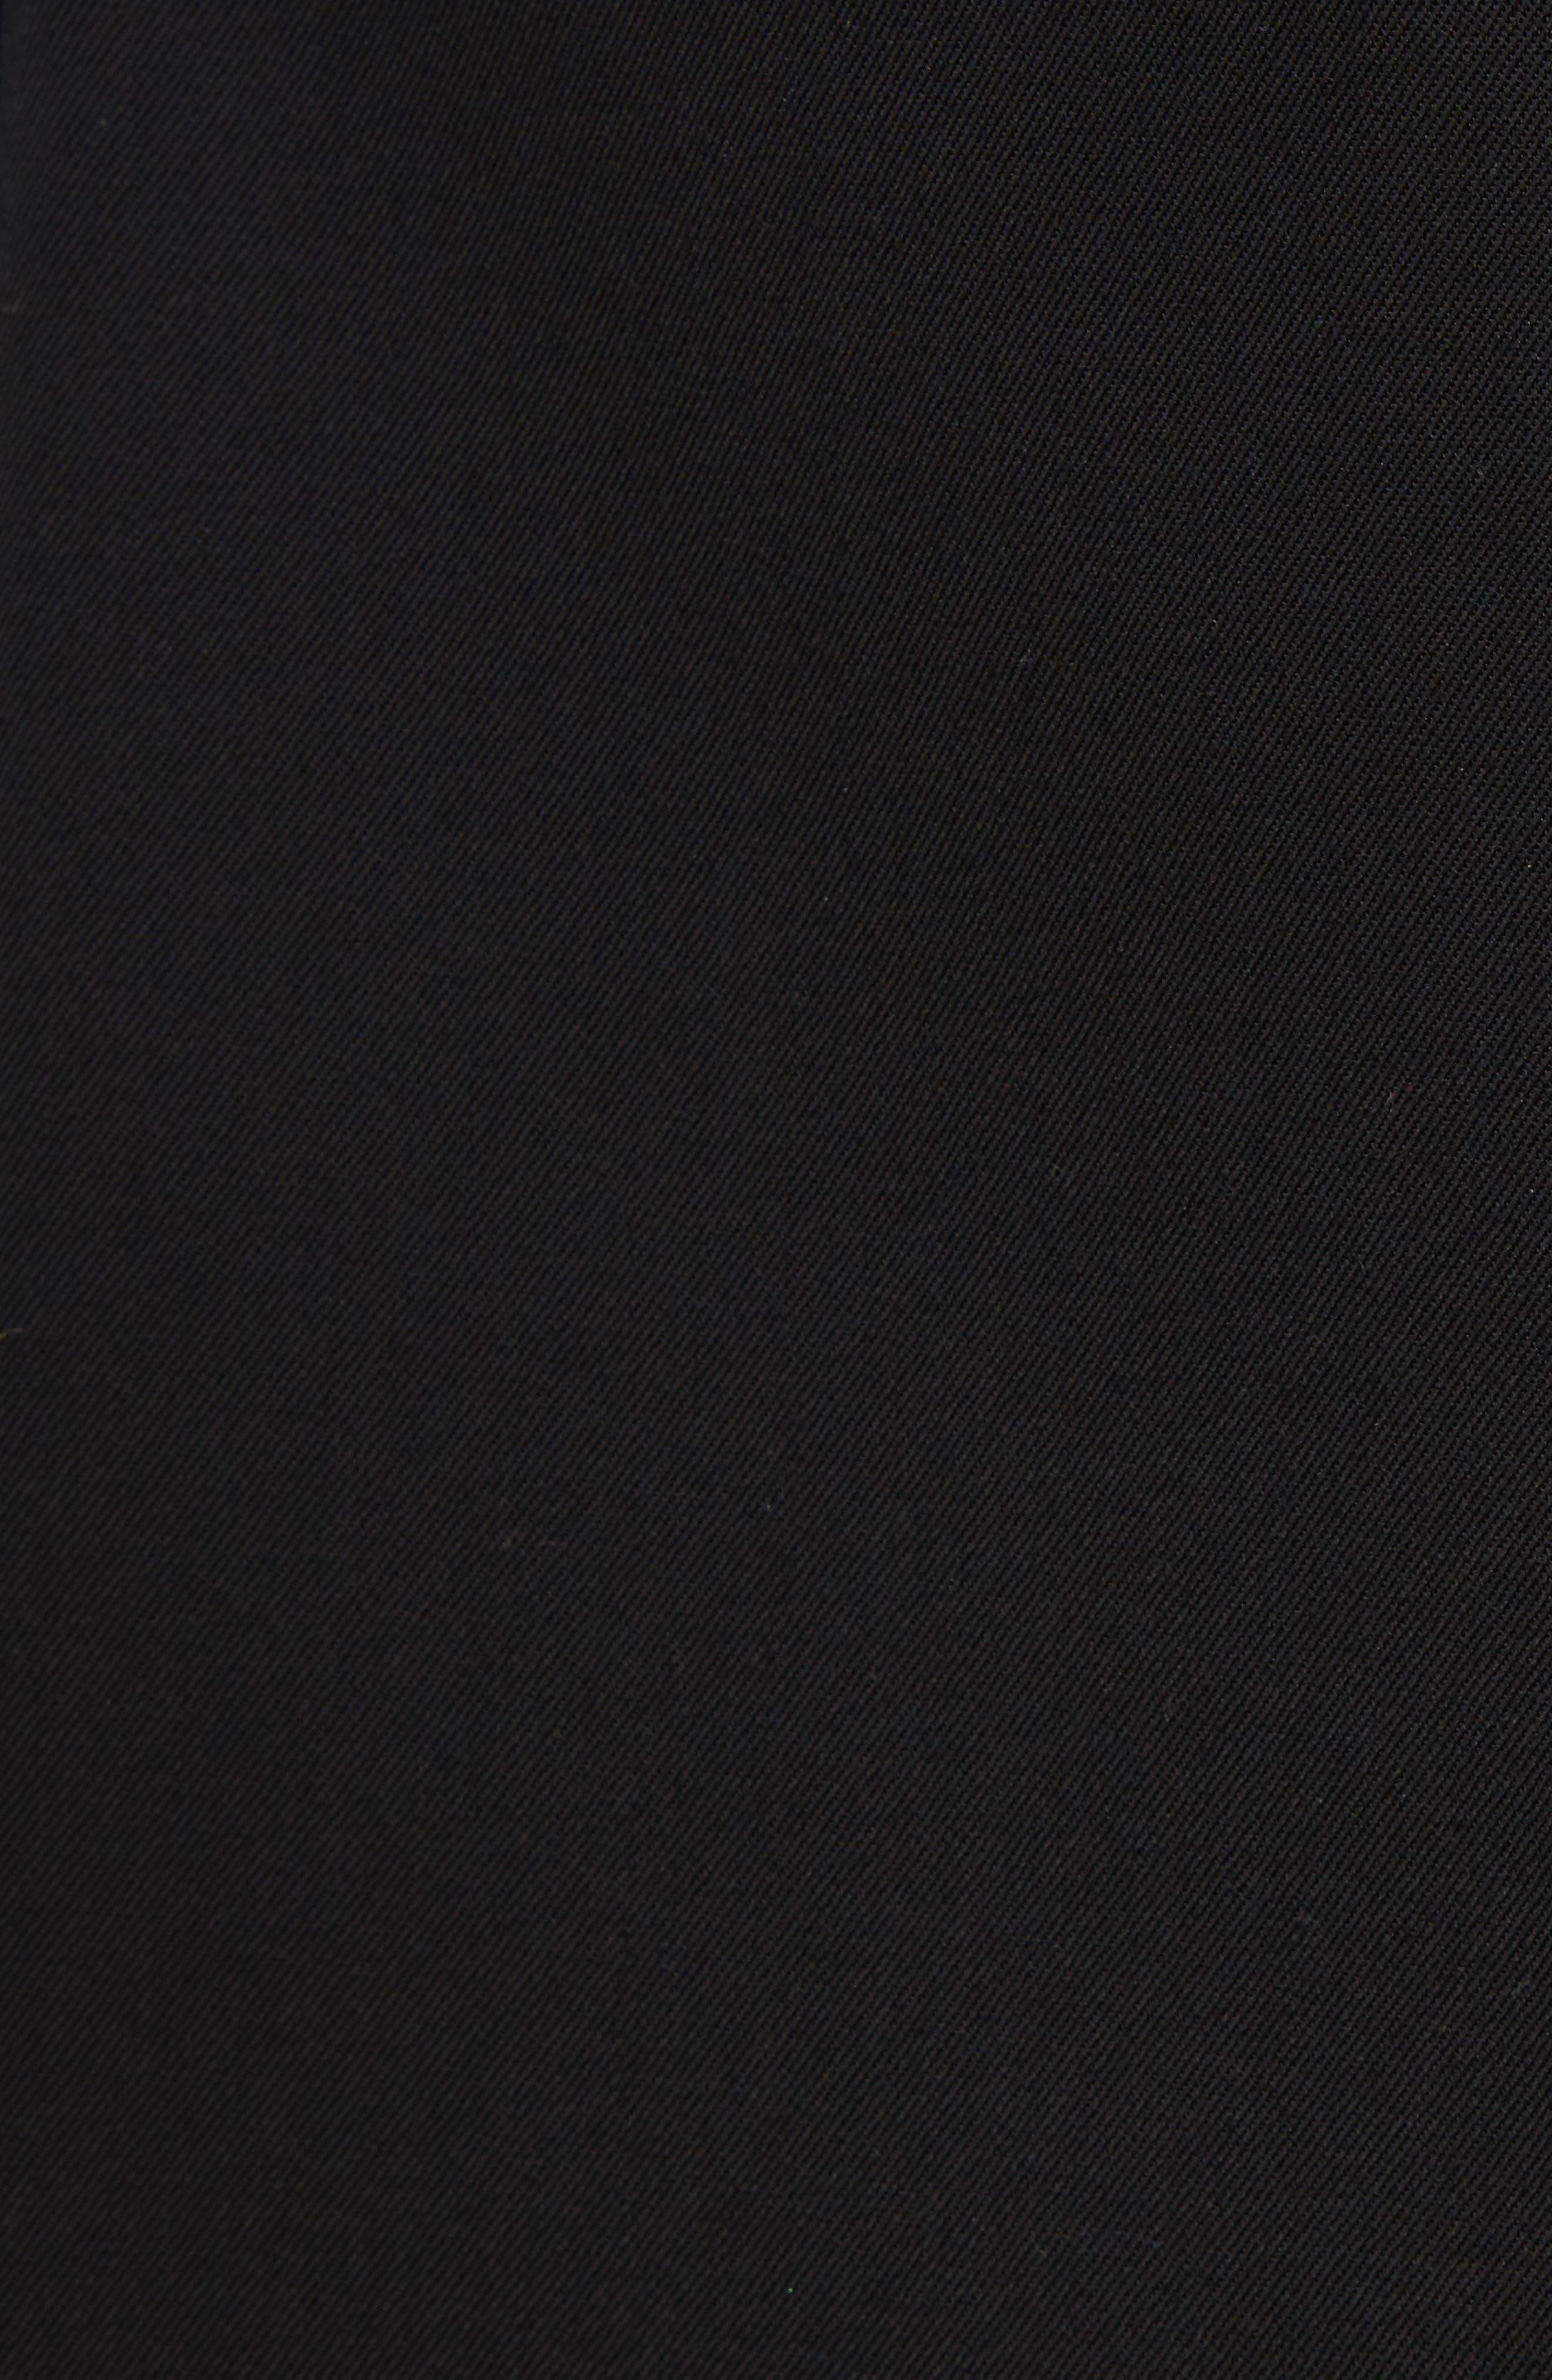 V-Back Sleeveless Wool Dress,                             Alternate thumbnail 5, color,                             001